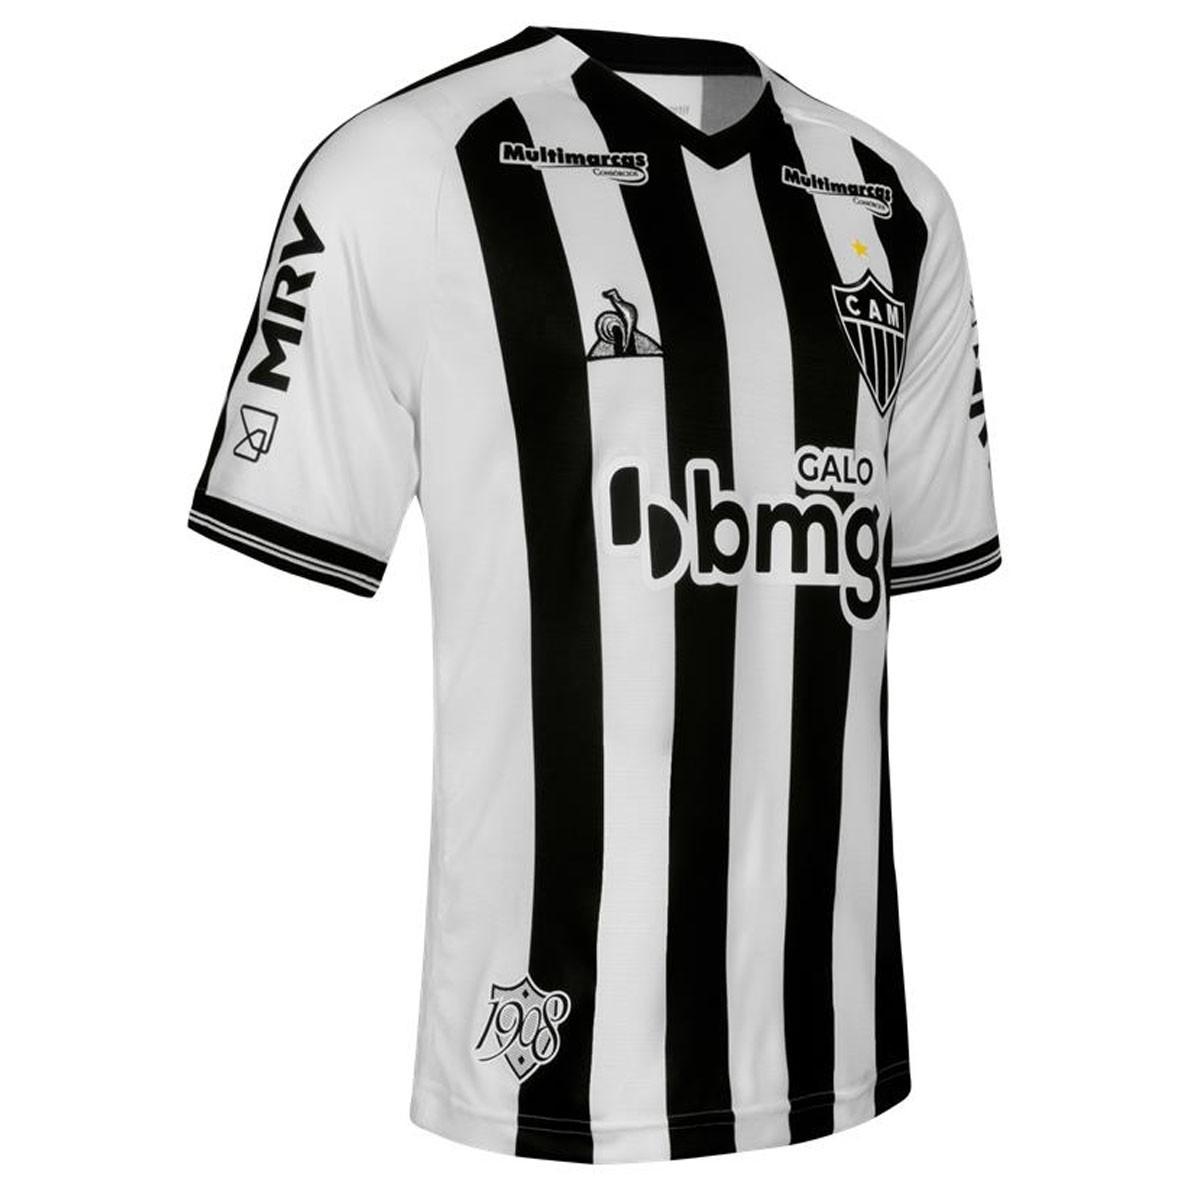 Camisa Le Coq Sportif Atlético Mineiro I 2020